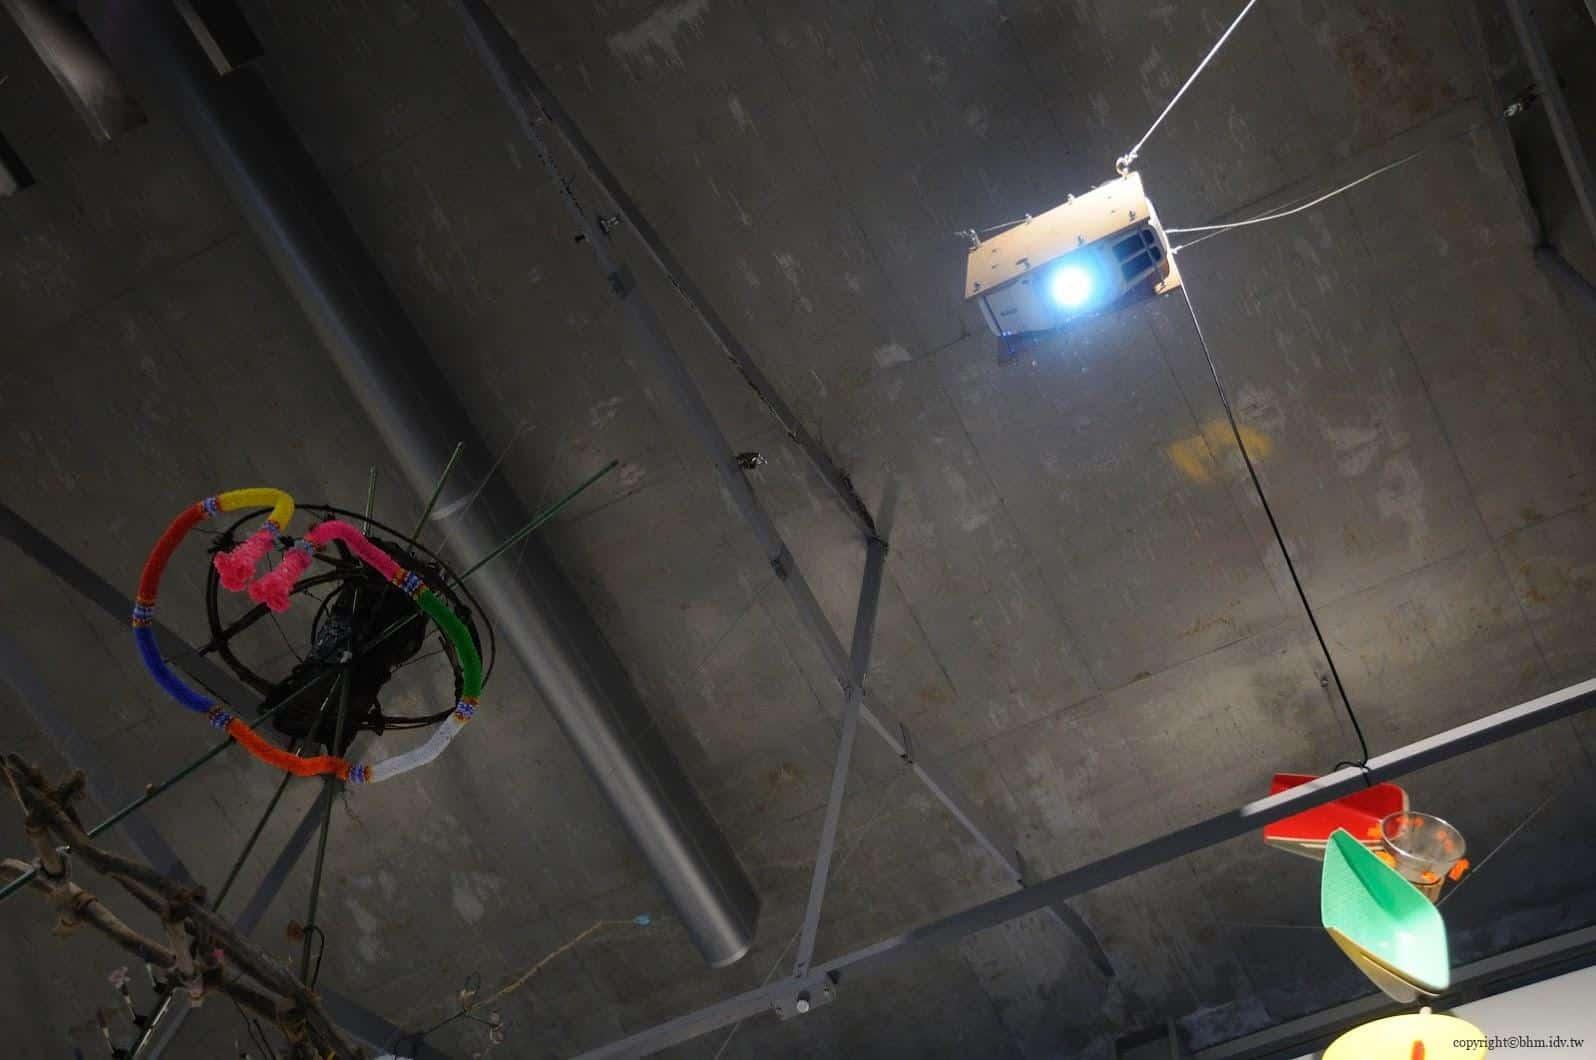 原廣司+ATELIER建築研究所,越後妻有里山現代美術館,透過上面投影機的移動,在下面形成多方塊與線條的消長,也是唯一的視覺影像作品 越後妻有里山現代美術館 越後妻有里山現代美術館 echigo tsumari kouryukan echigo tsumari exchange center 14